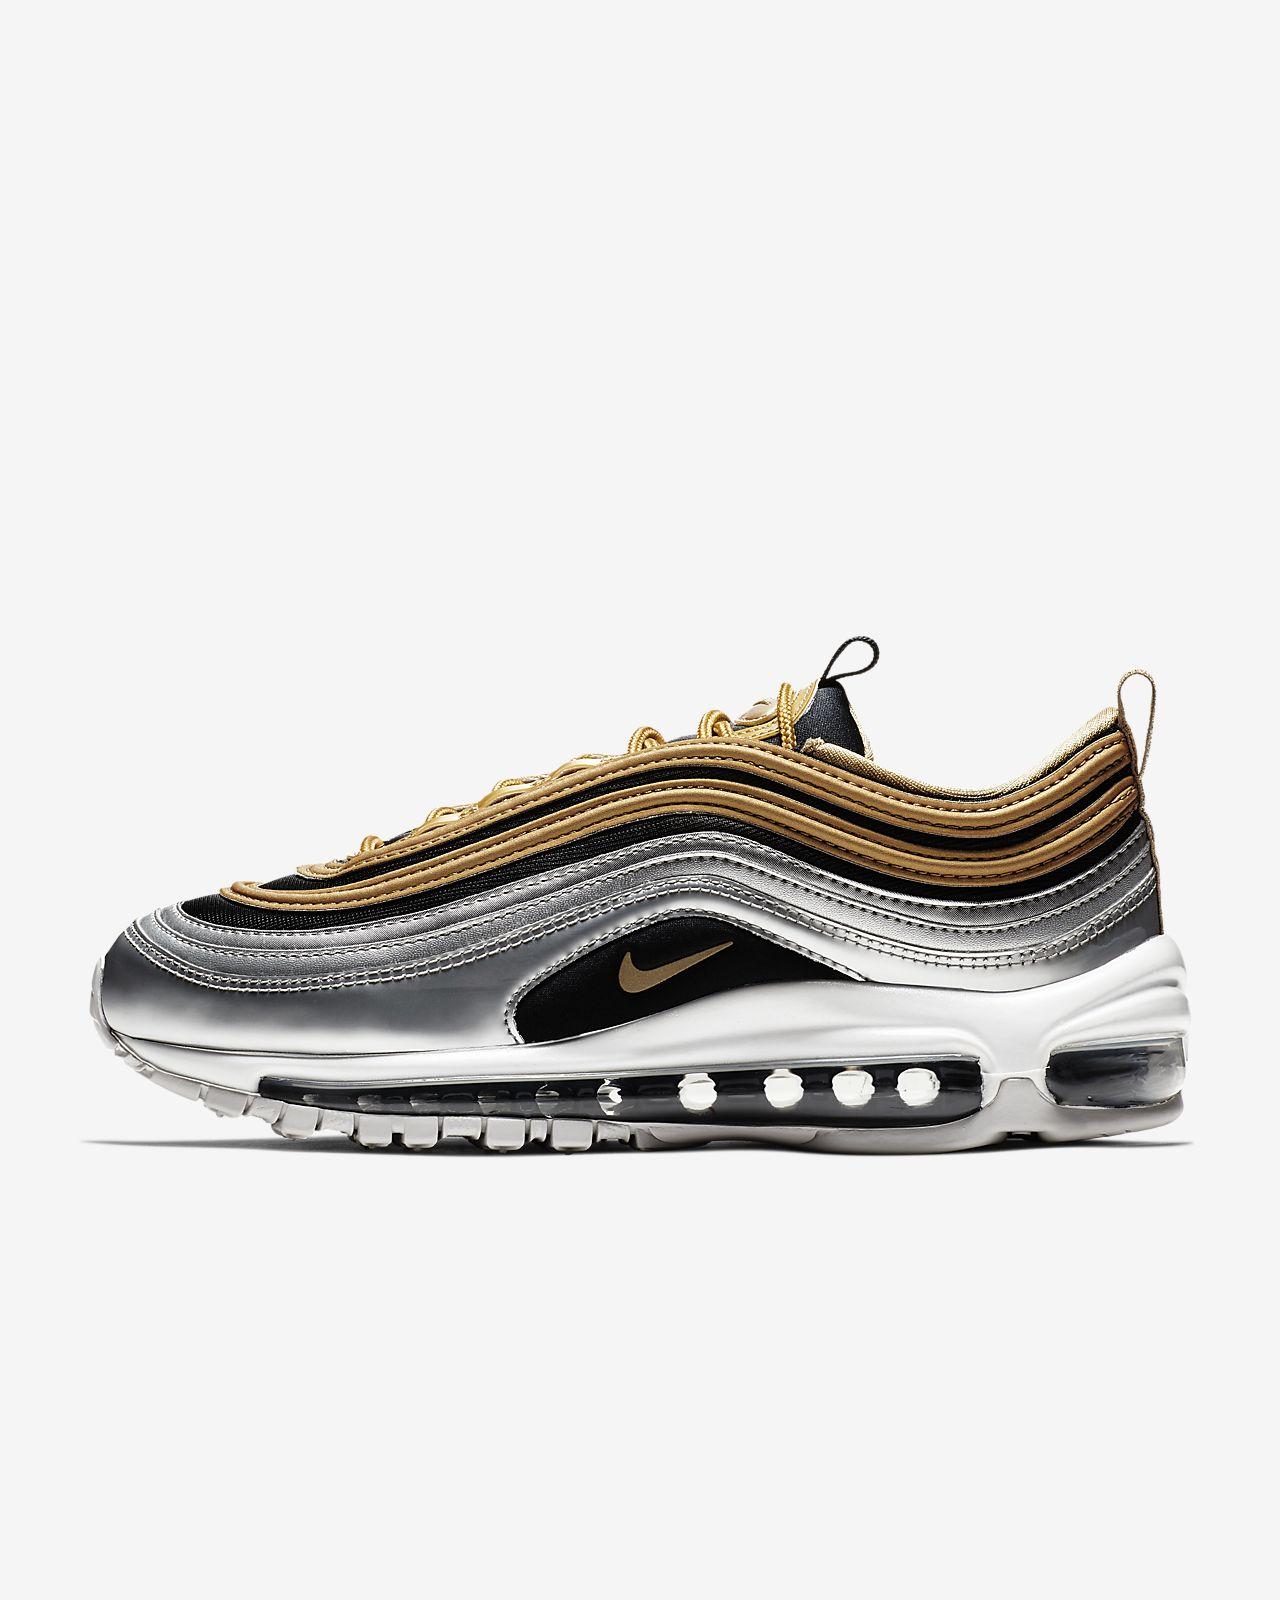 c579d86284a65 Nike Air Max 97 SE Metallic Women's Shoe. Nike.com NO